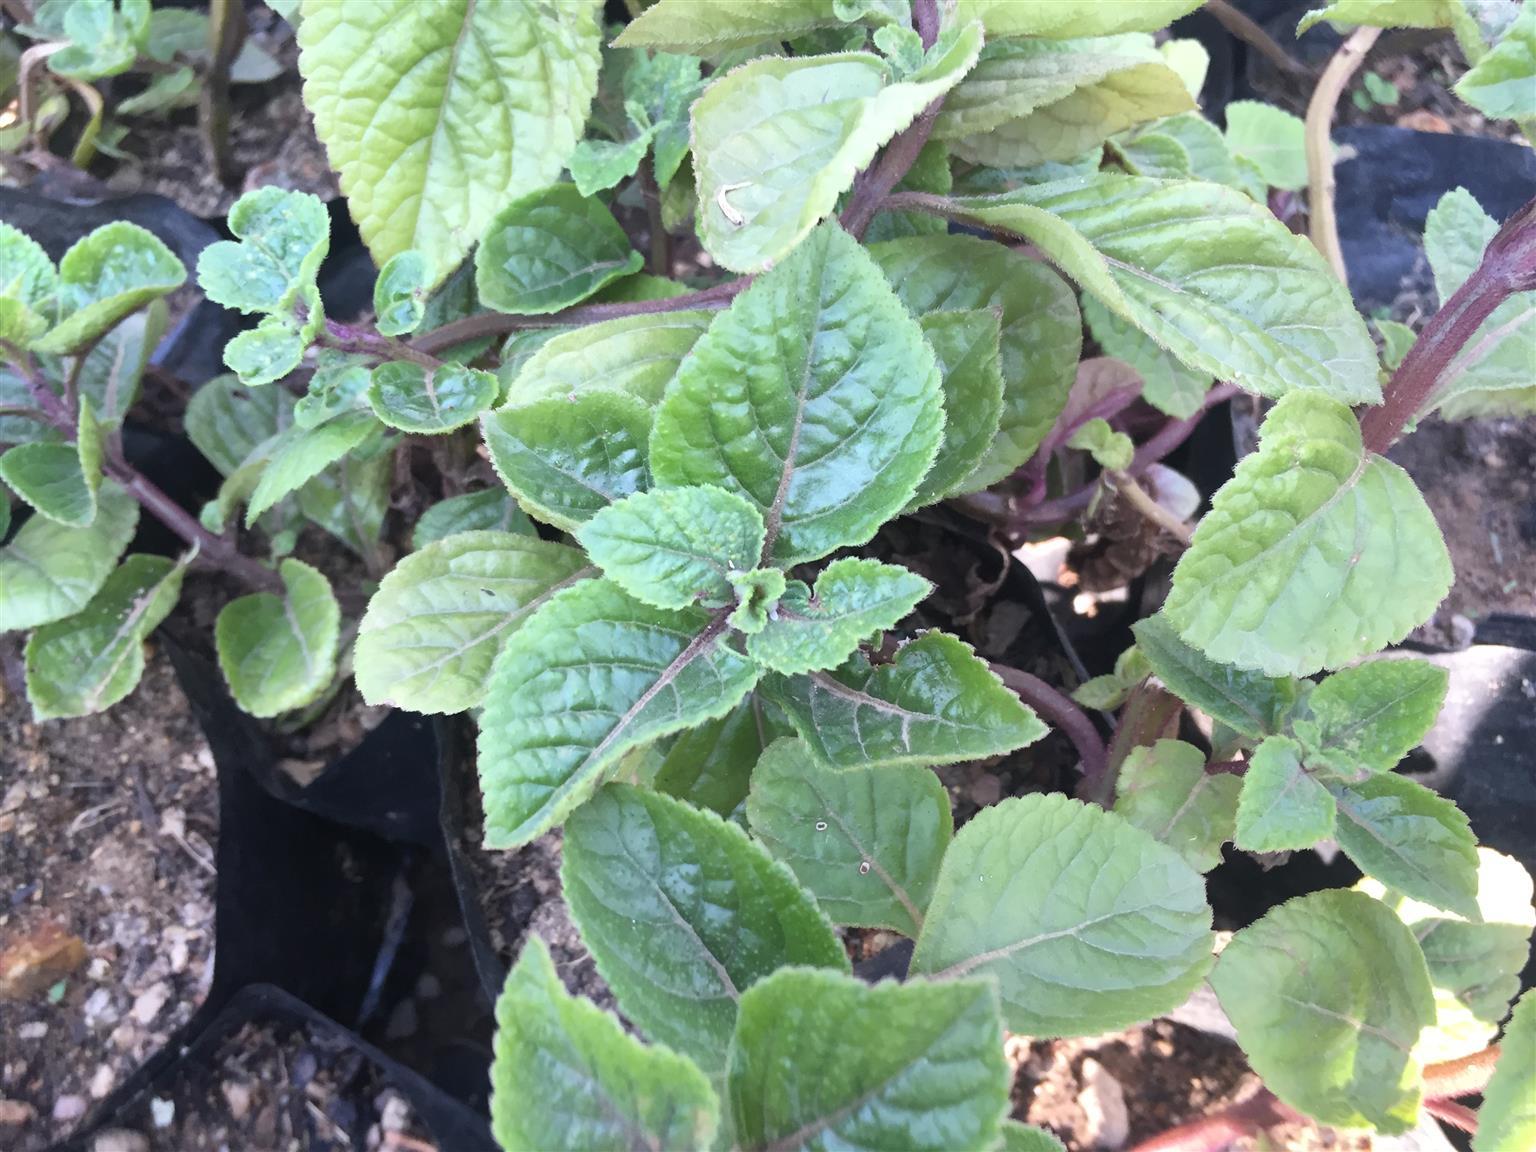 Indigenous plants for sale